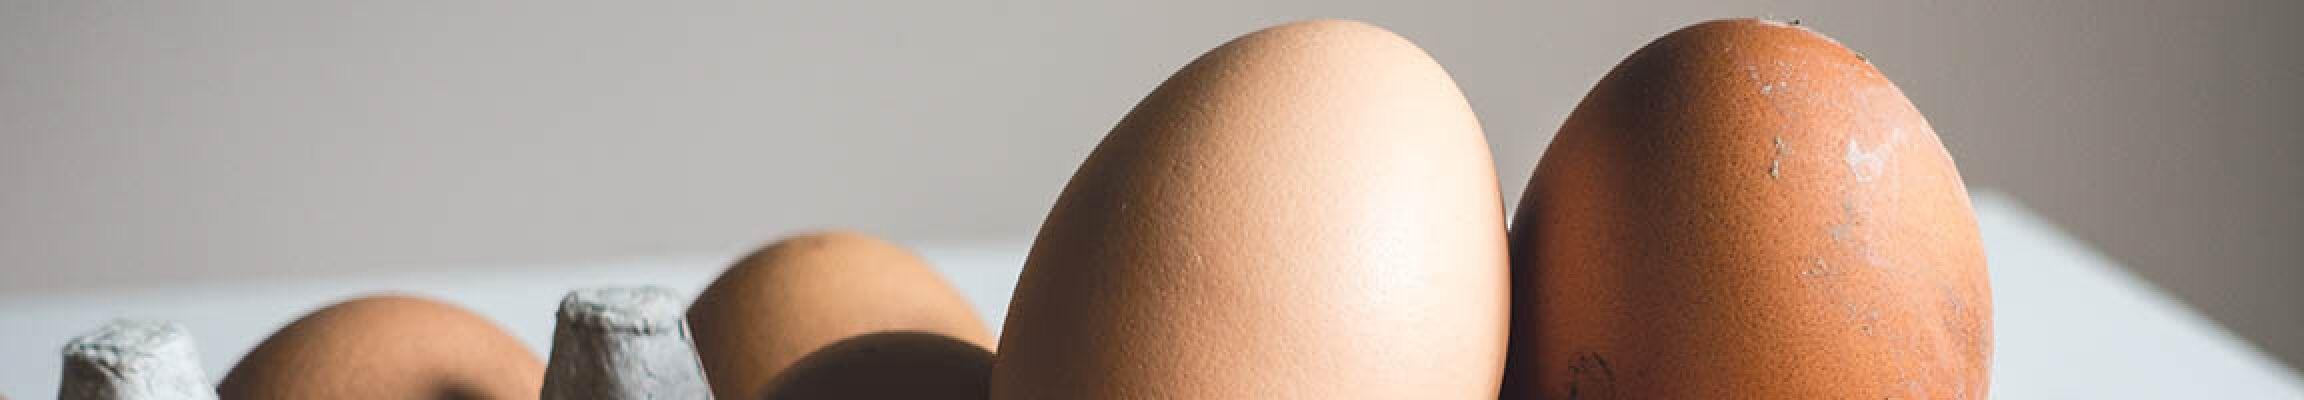 Wie viele Eier pro Tag/pro Woche - Fazit